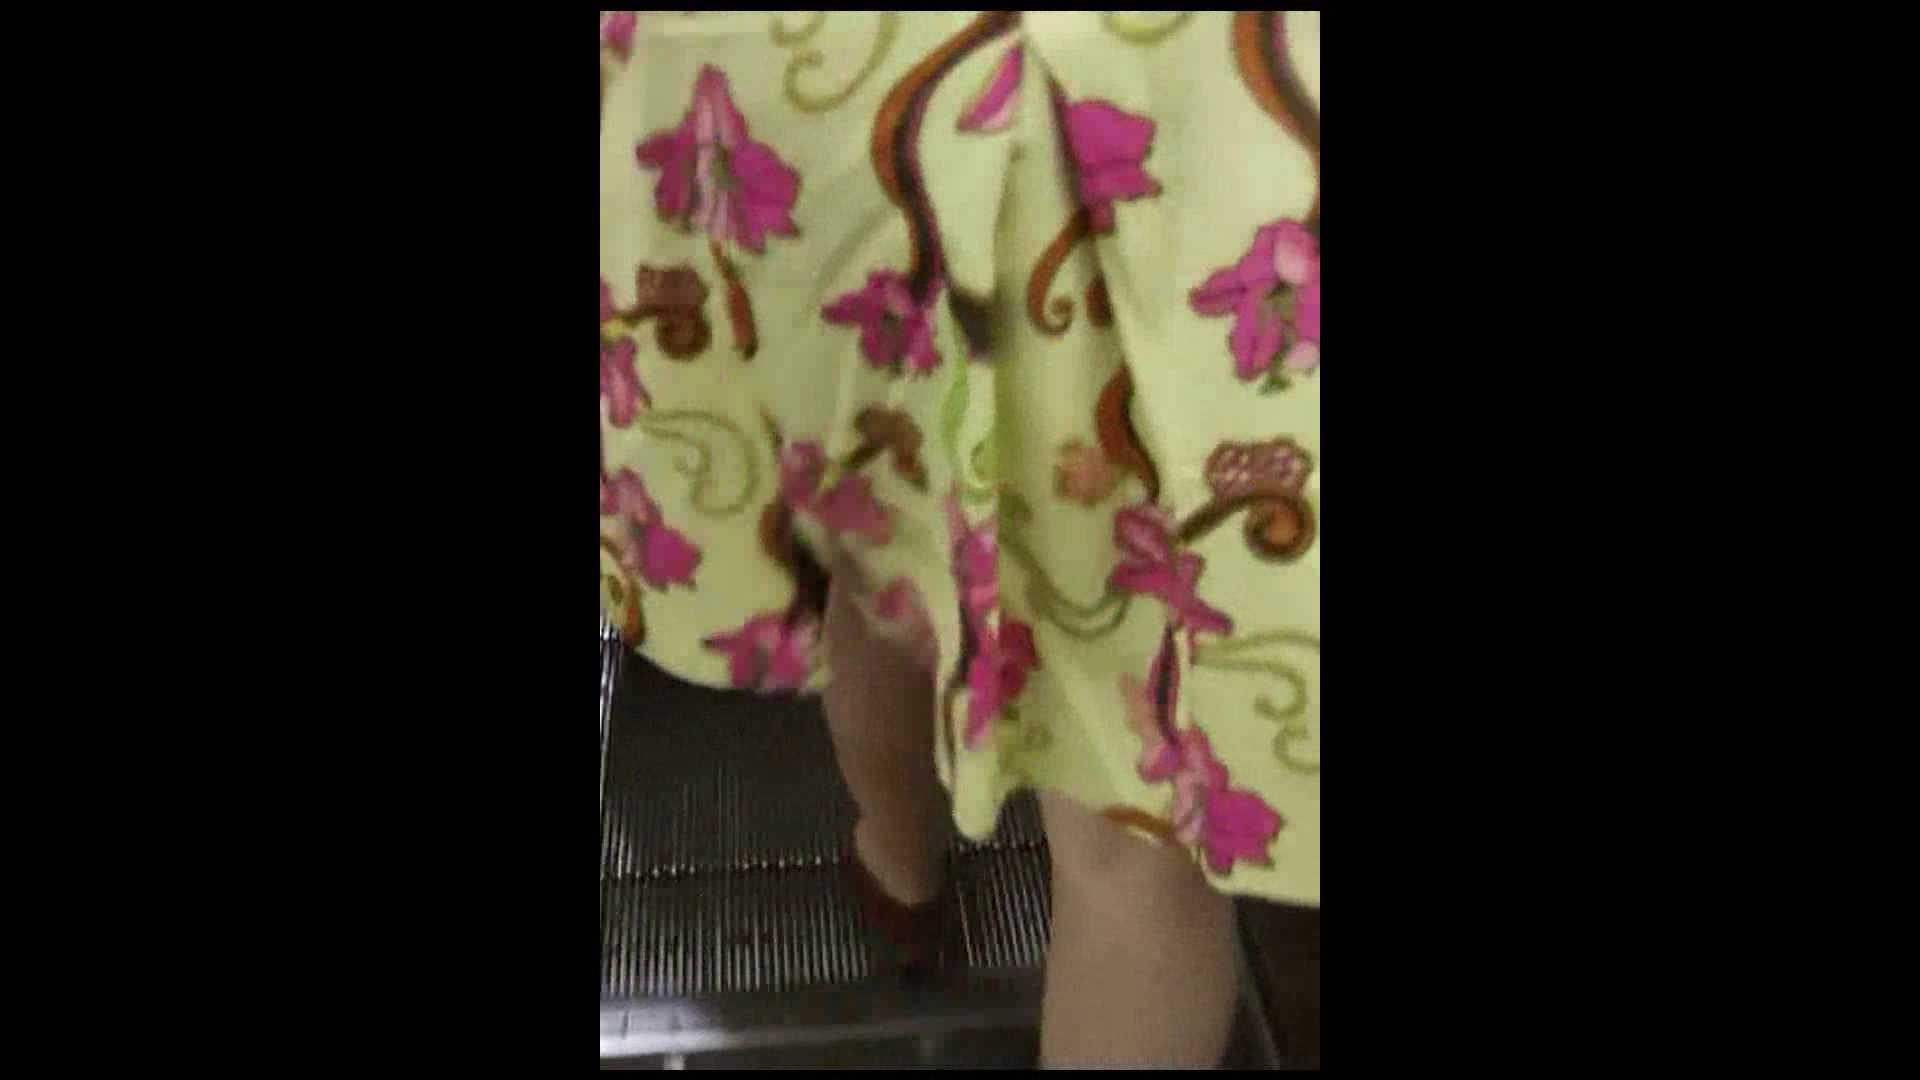 綺麗なモデルさんのスカート捲っちゃおう‼vol02 お姉さん エロ画像 82連発 59